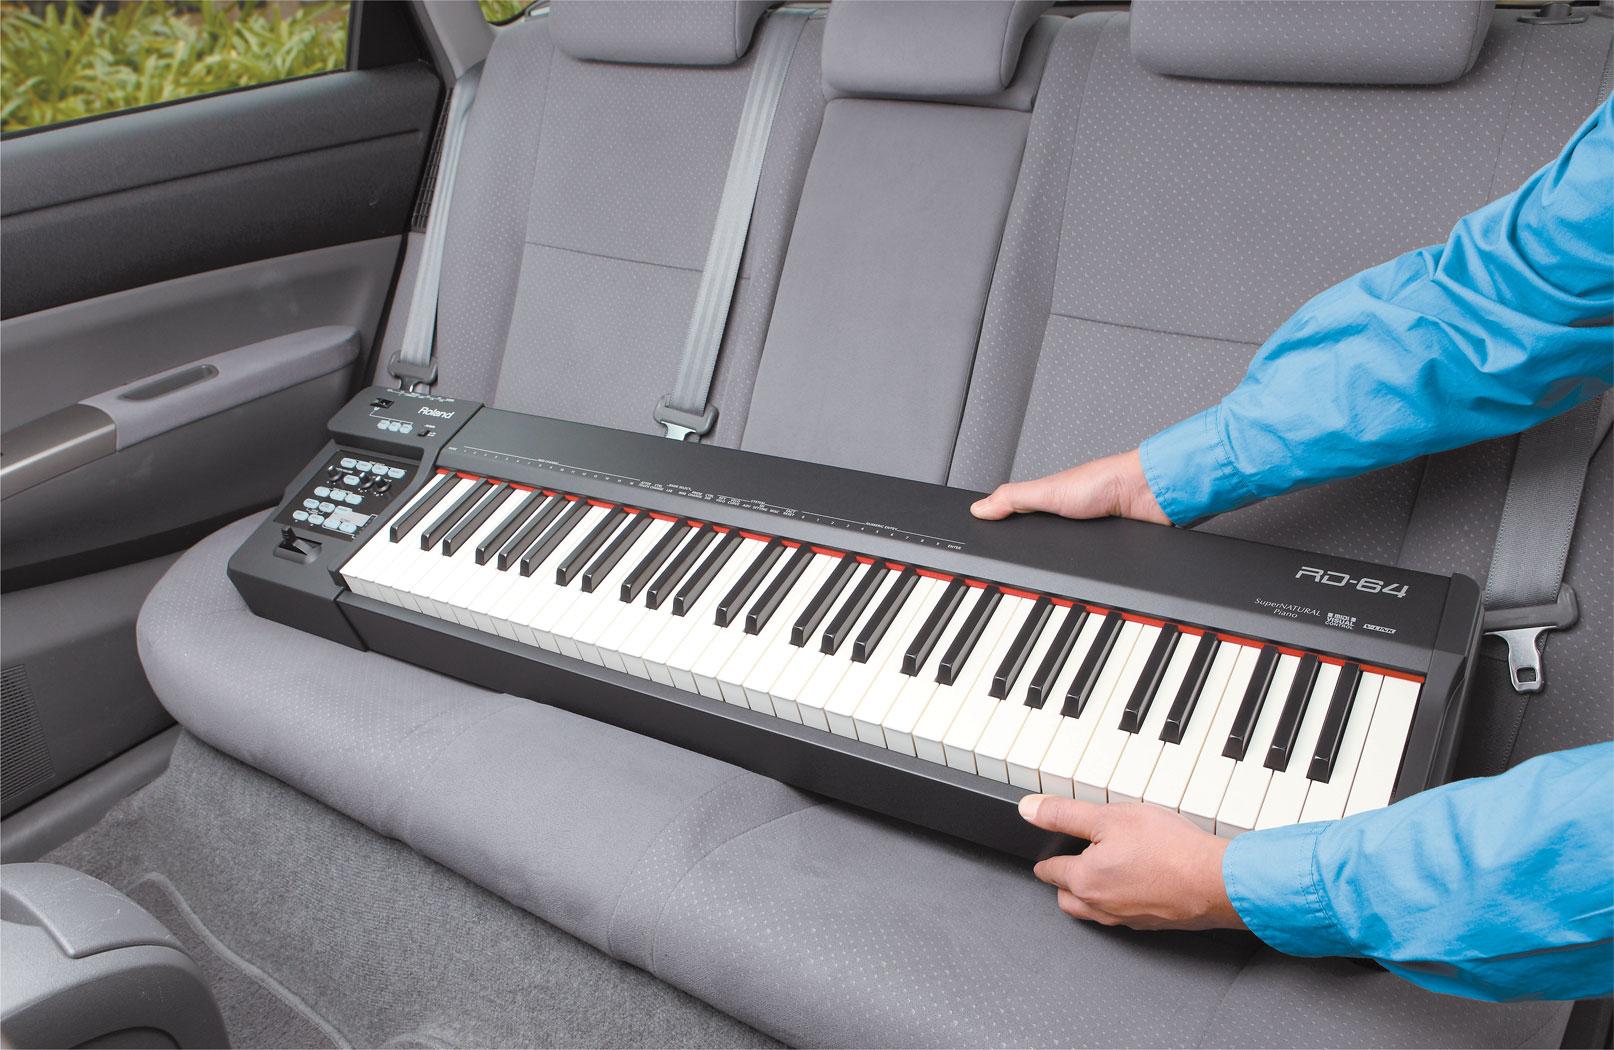 rd 64 car seat gal - Roland Rd-64 Digital Piano